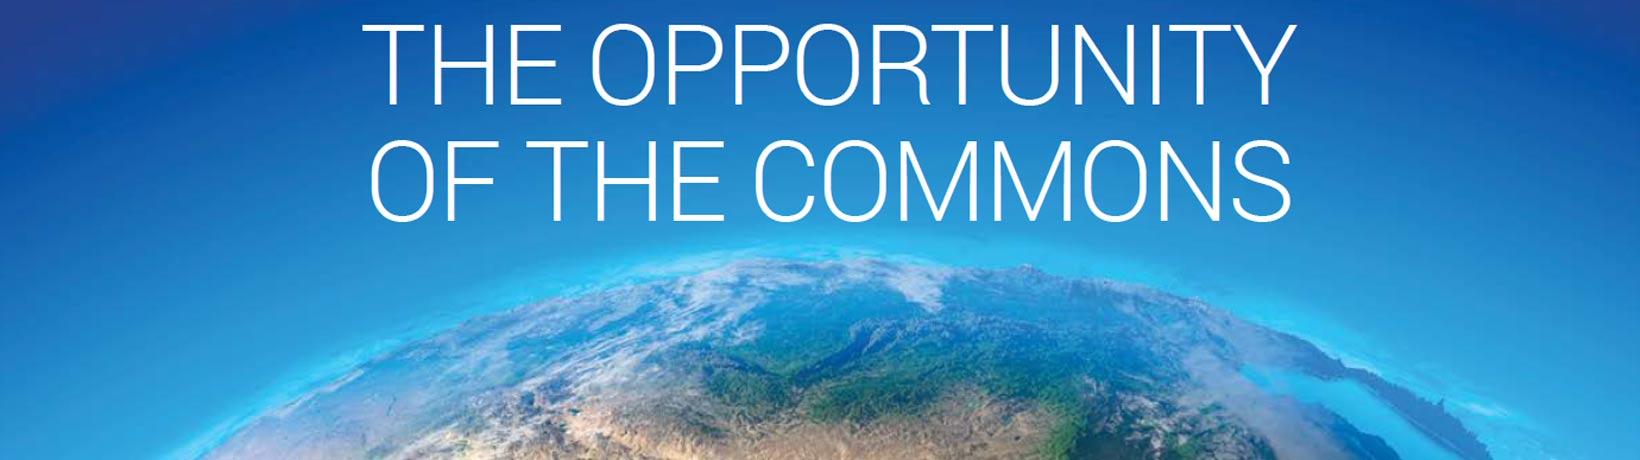 #globalcommons